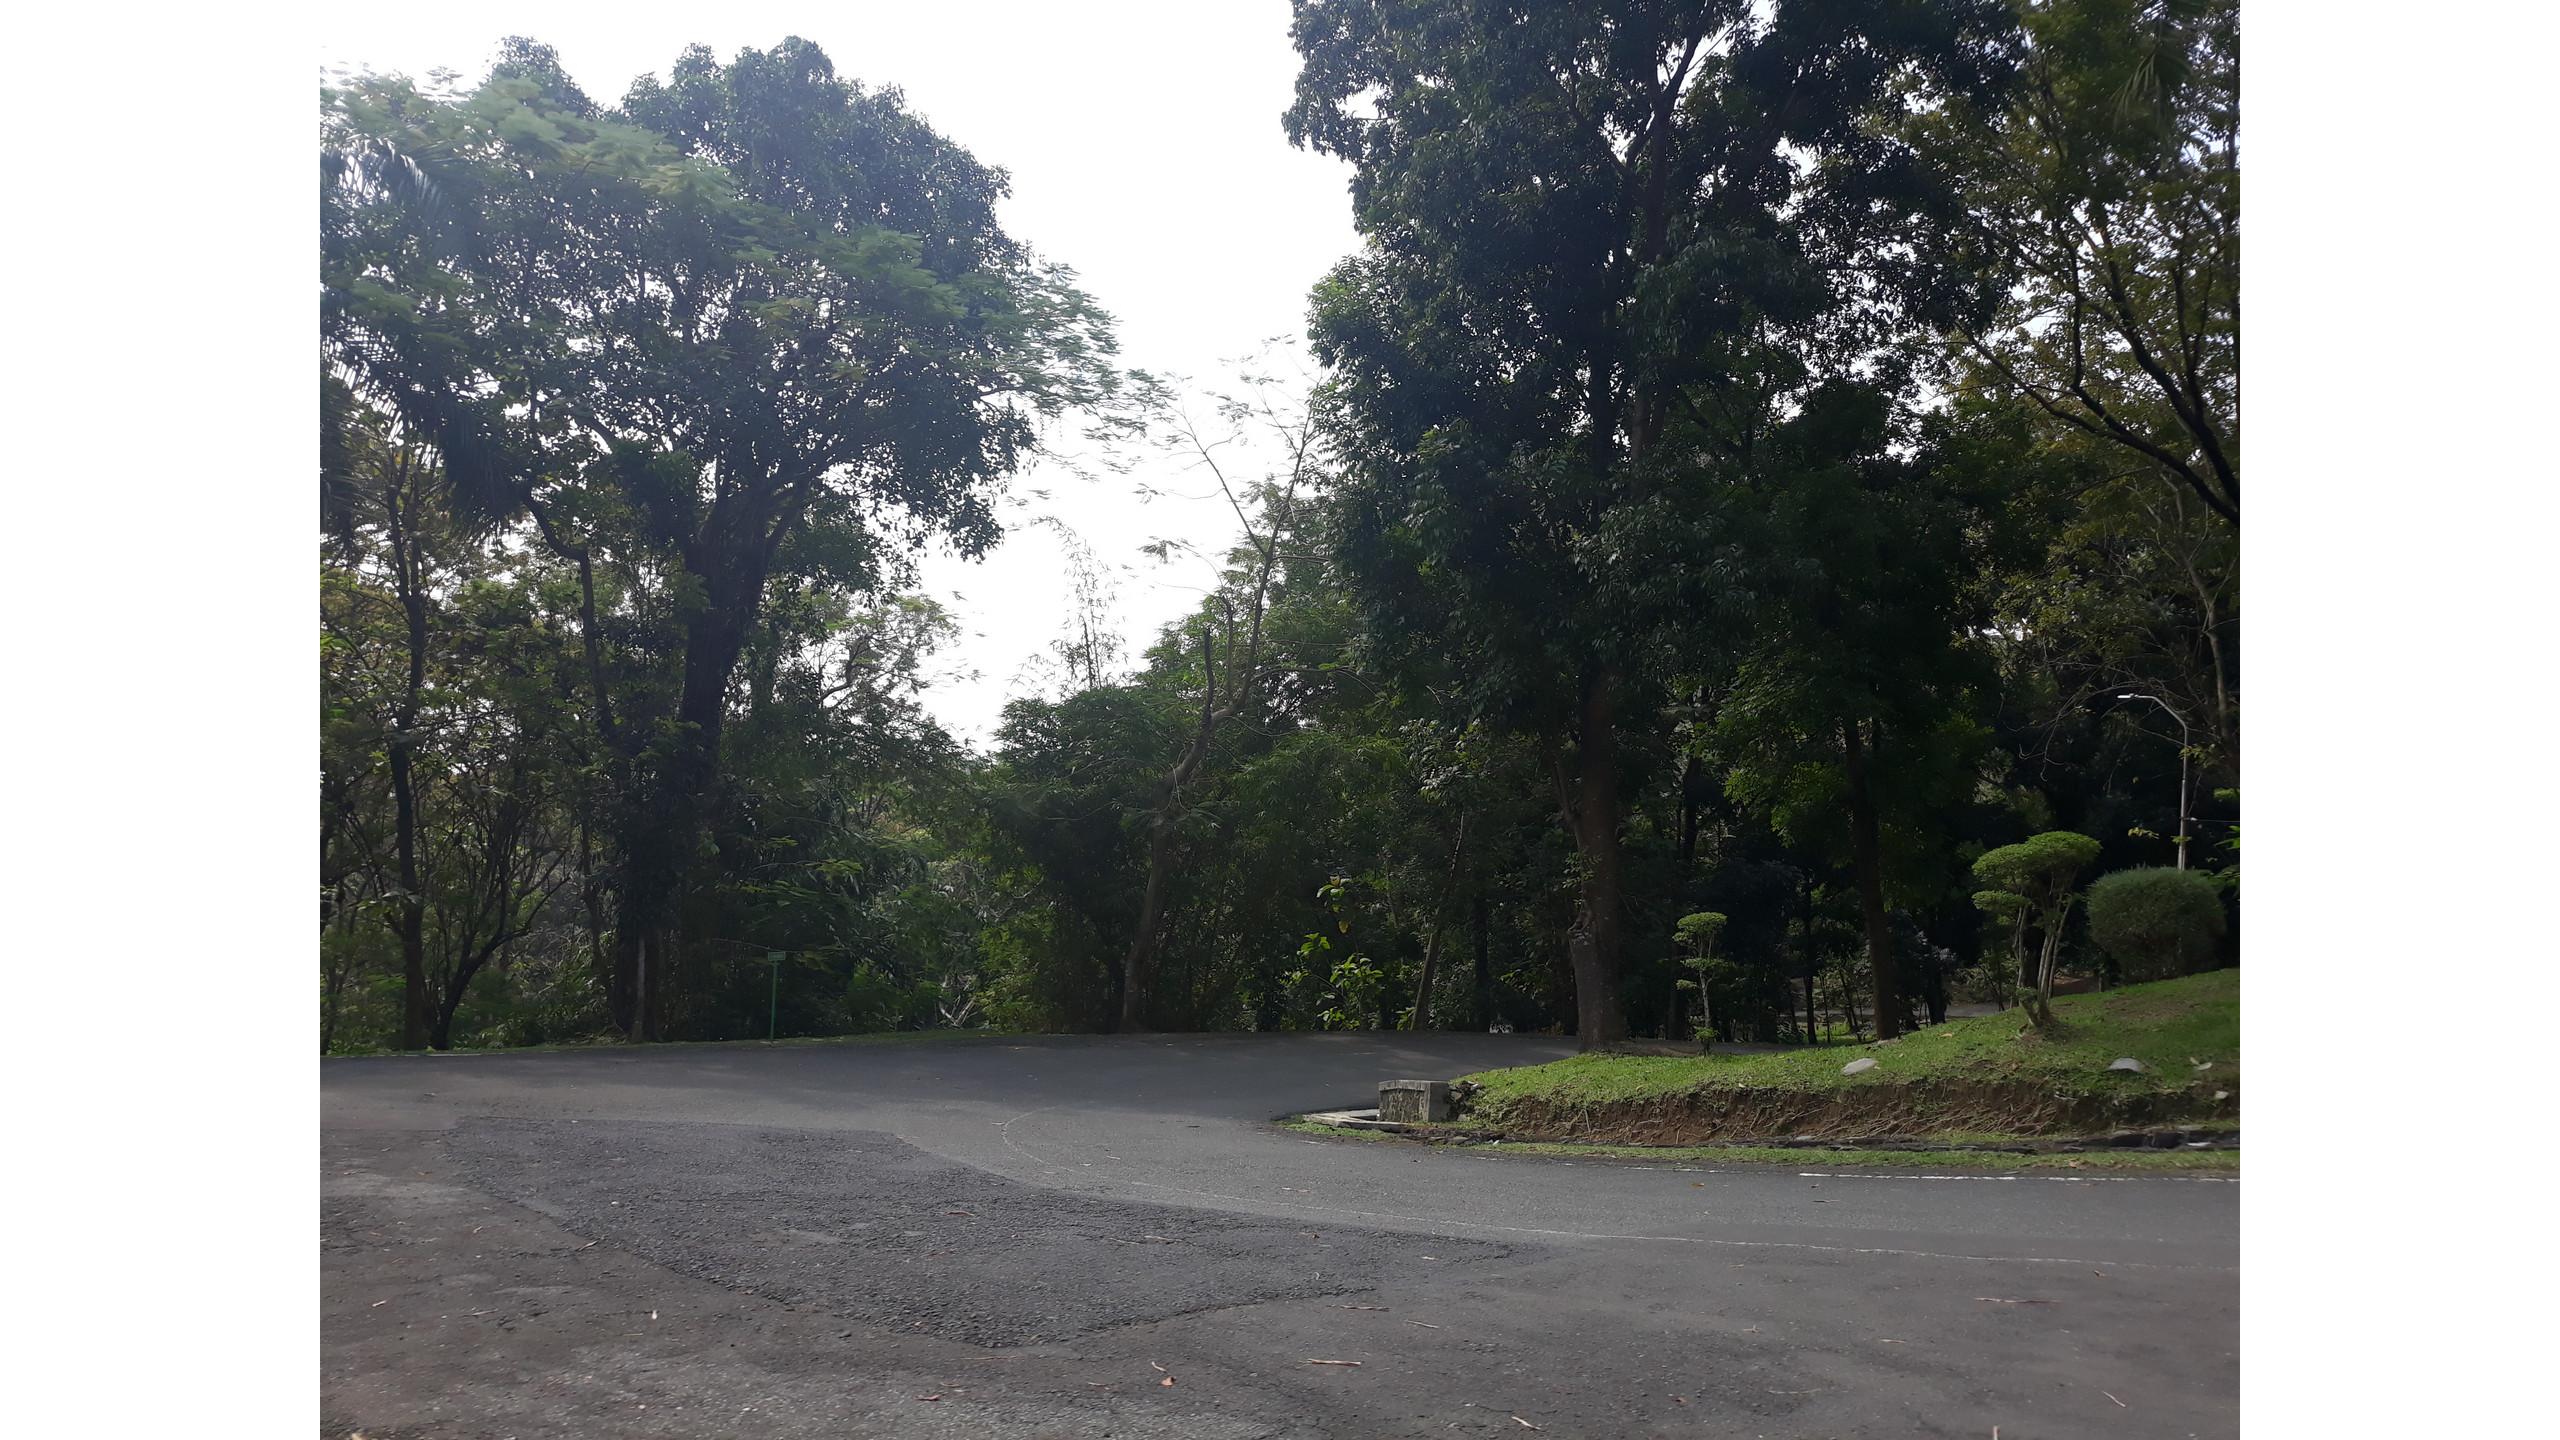 Tempat Wisata Waduk Jatiluhur di Purwakarta Referensi Liburan Hemat